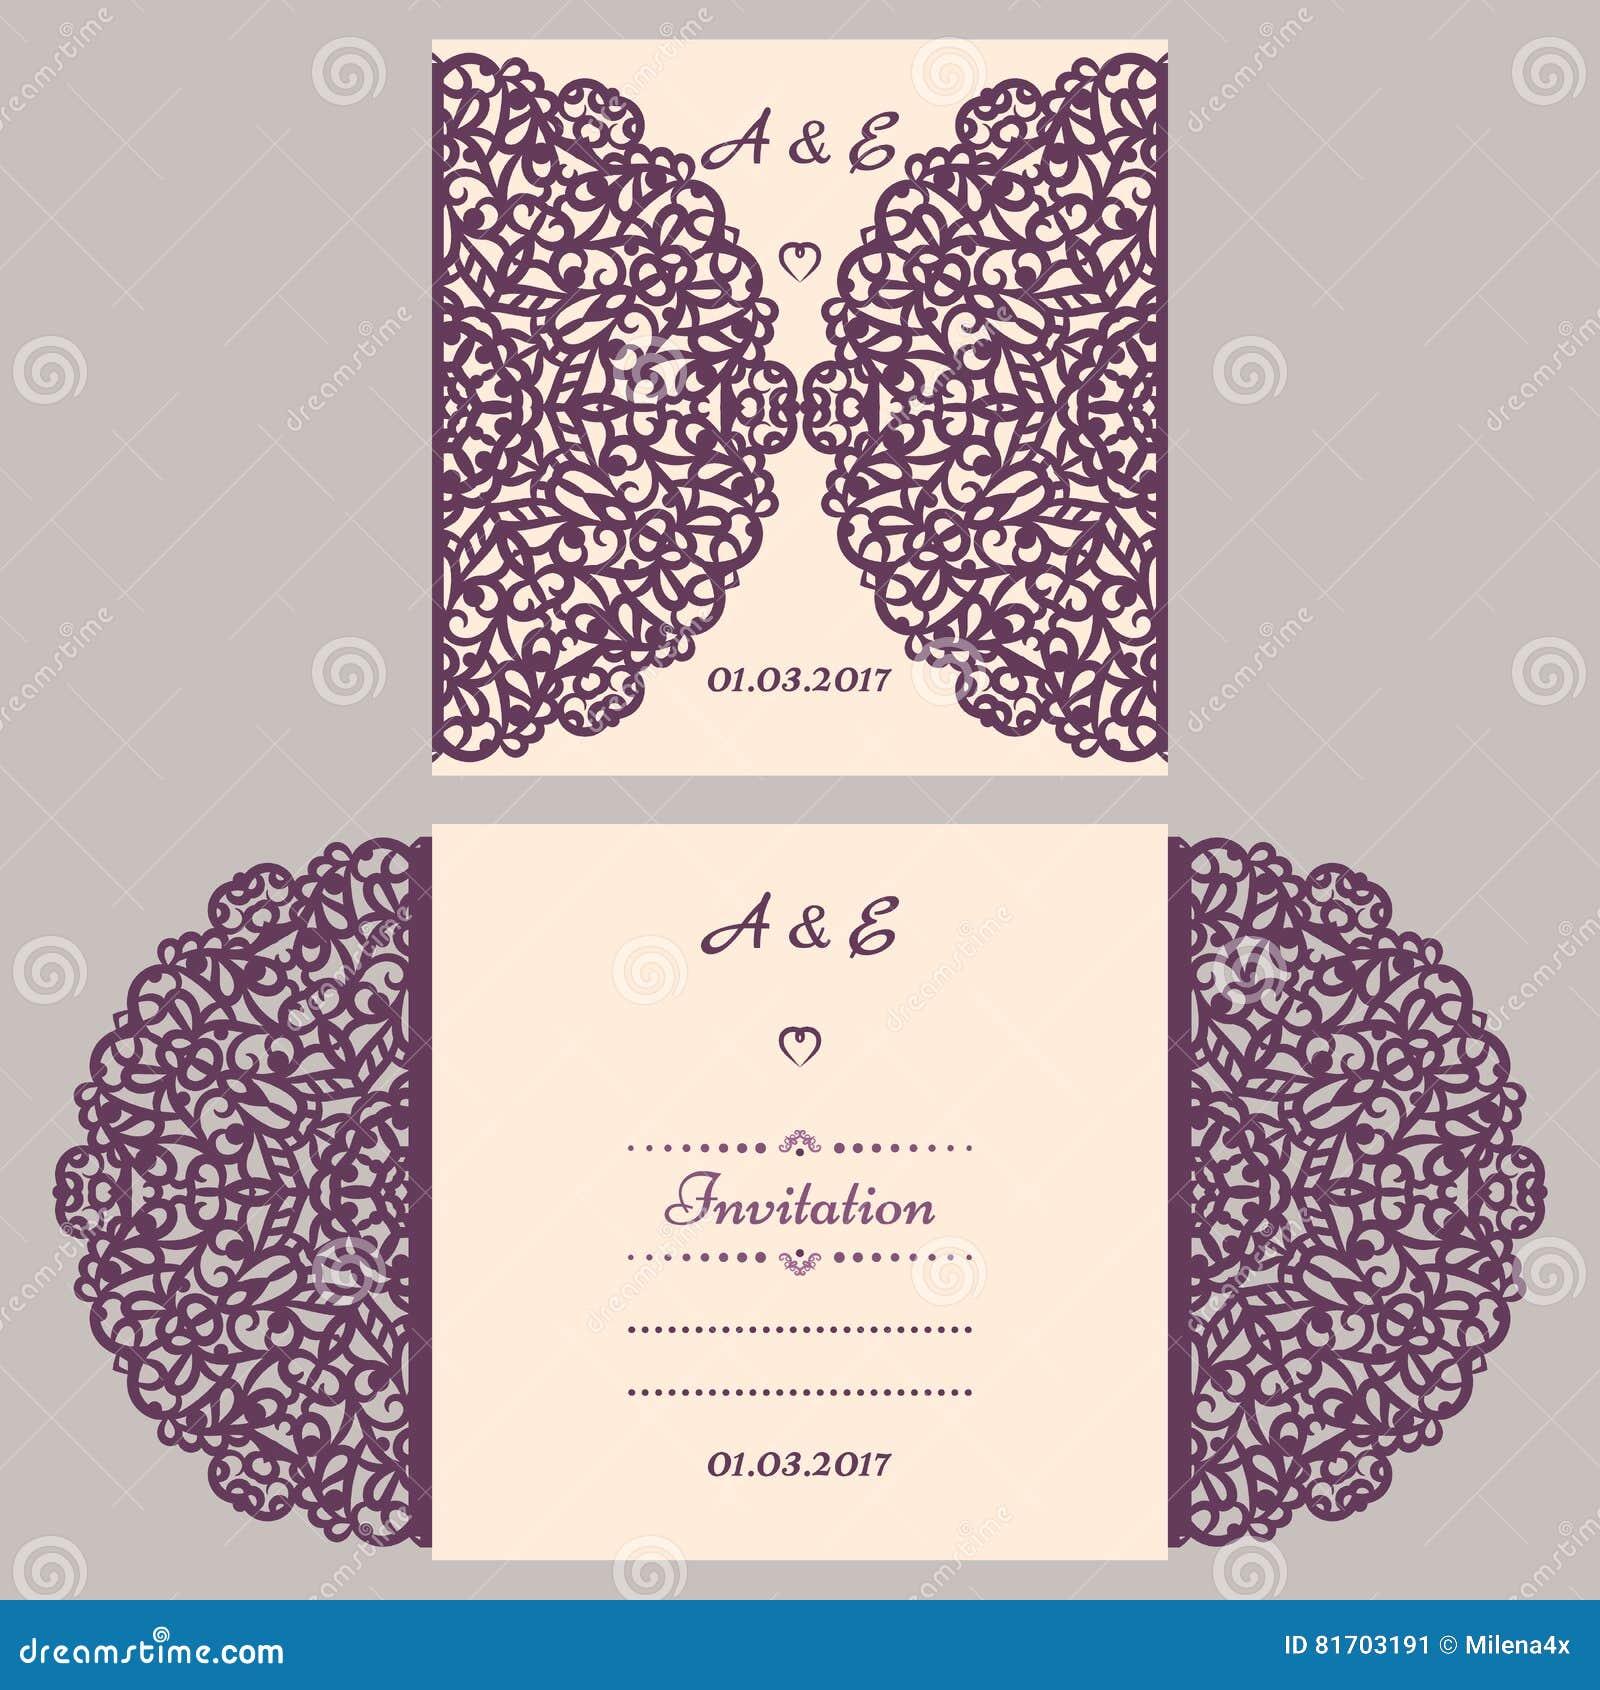 Plantillas Invitacion De Boda. Finest Plantillas De De Boda With ...